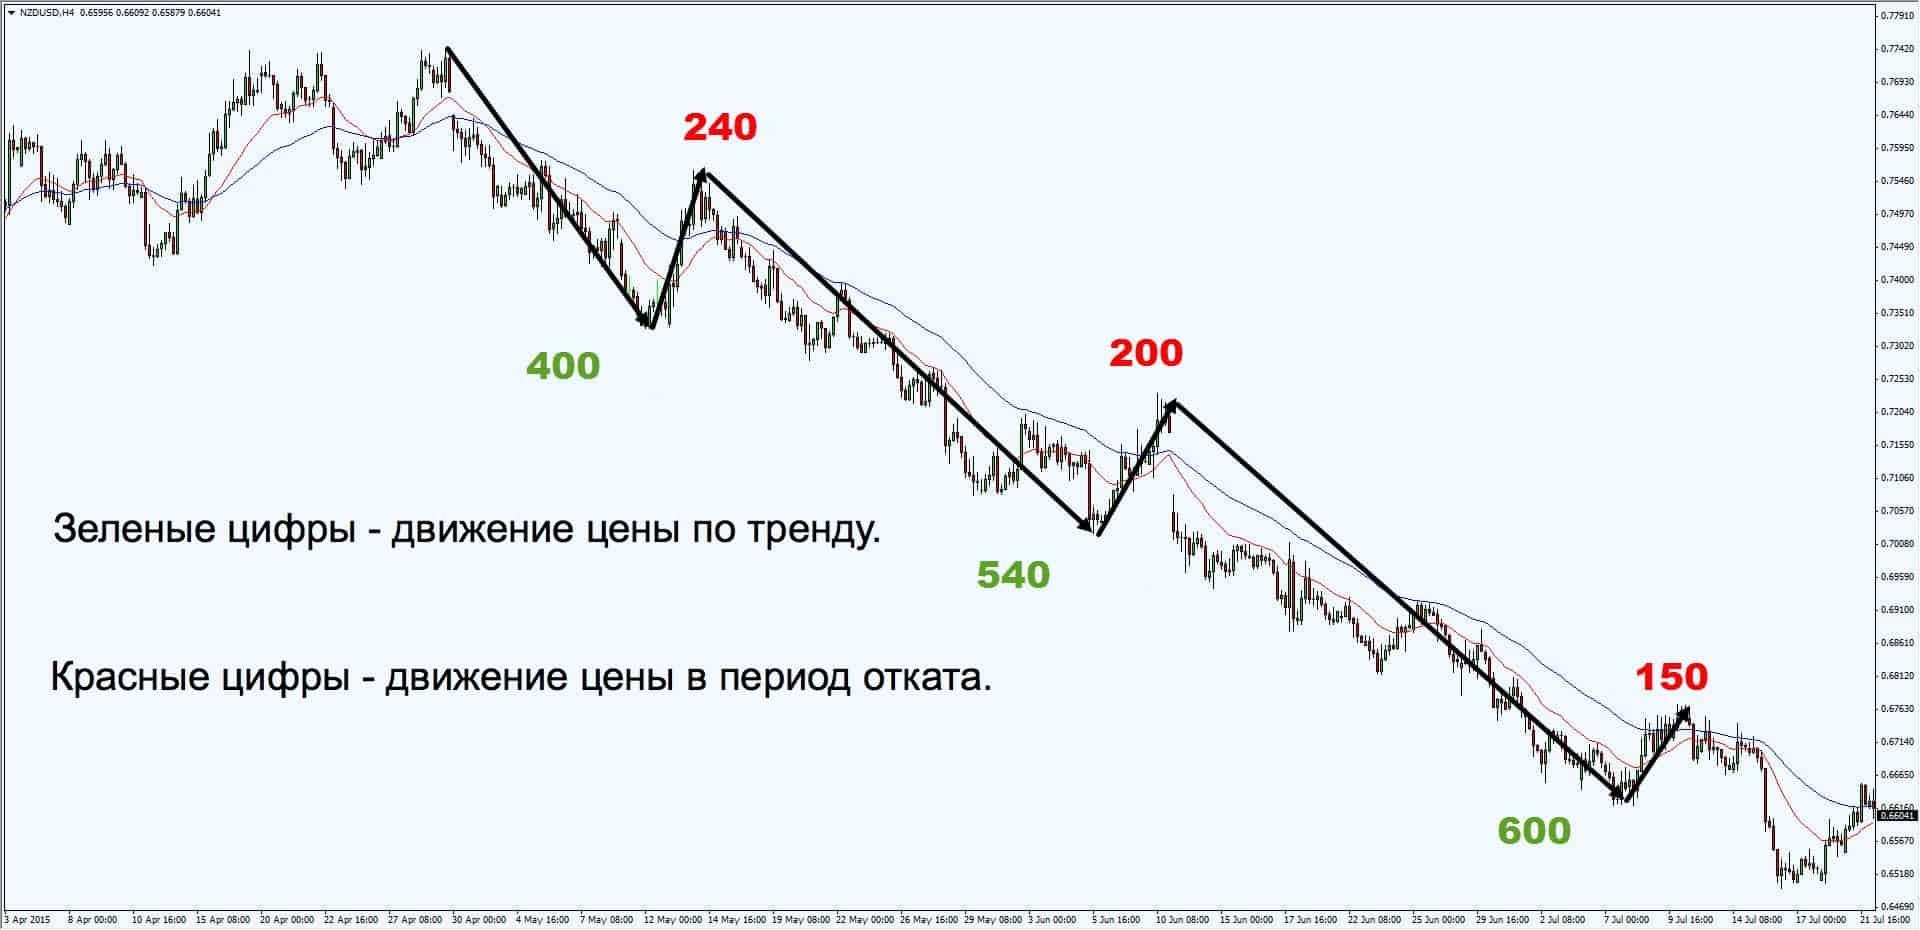 движение цены по тренду и в период отката